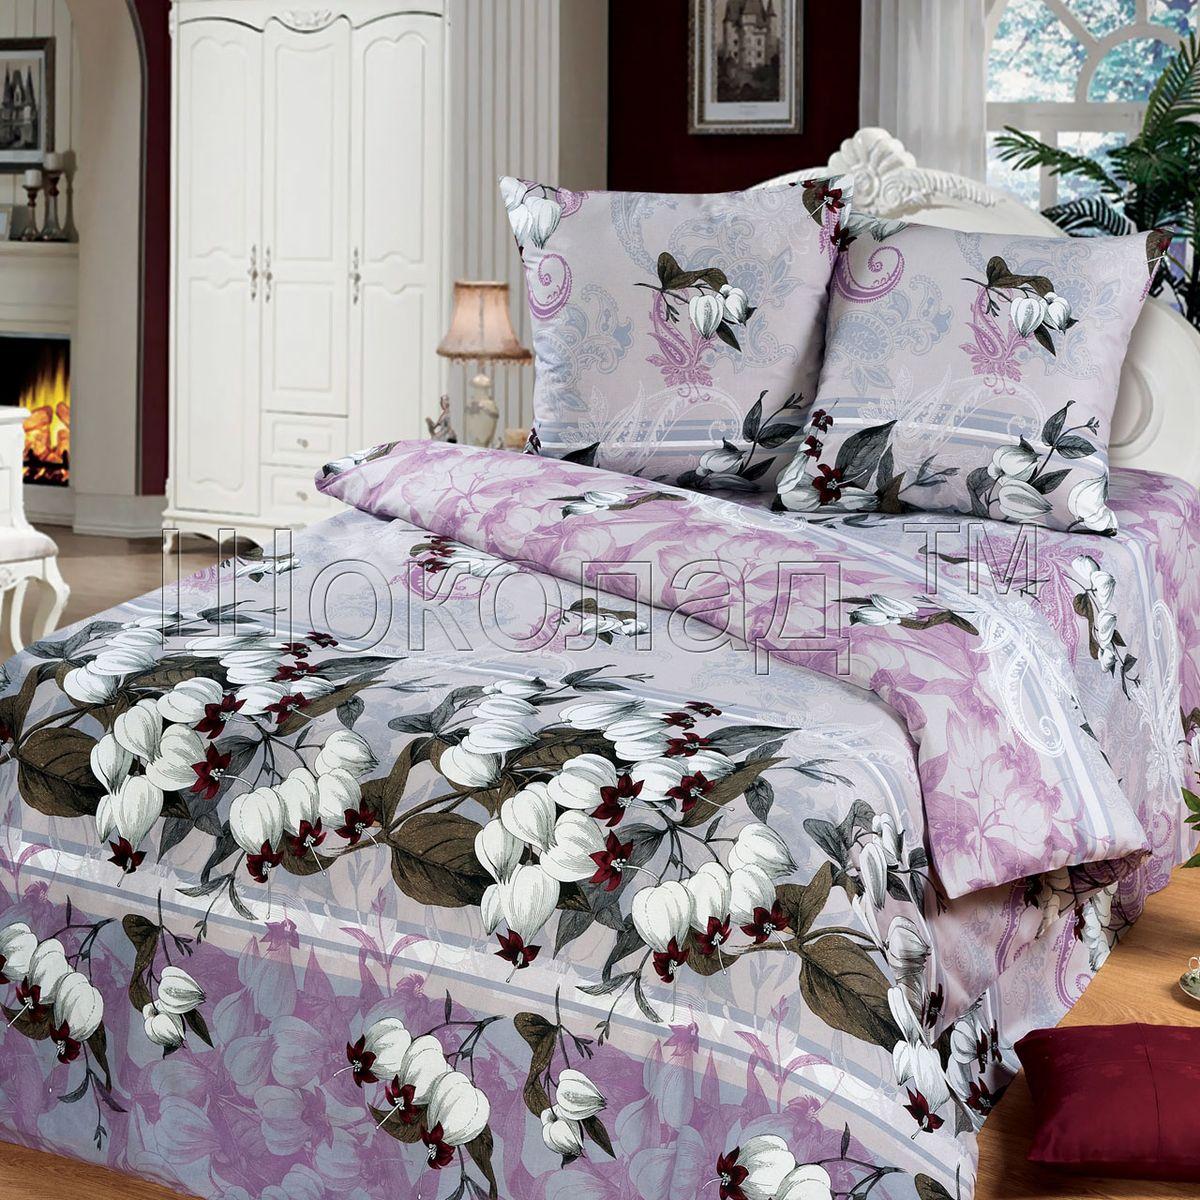 Комплект белья Шоколад Анита, 1,5-спальный, наволочки 70x70. Б100Б100